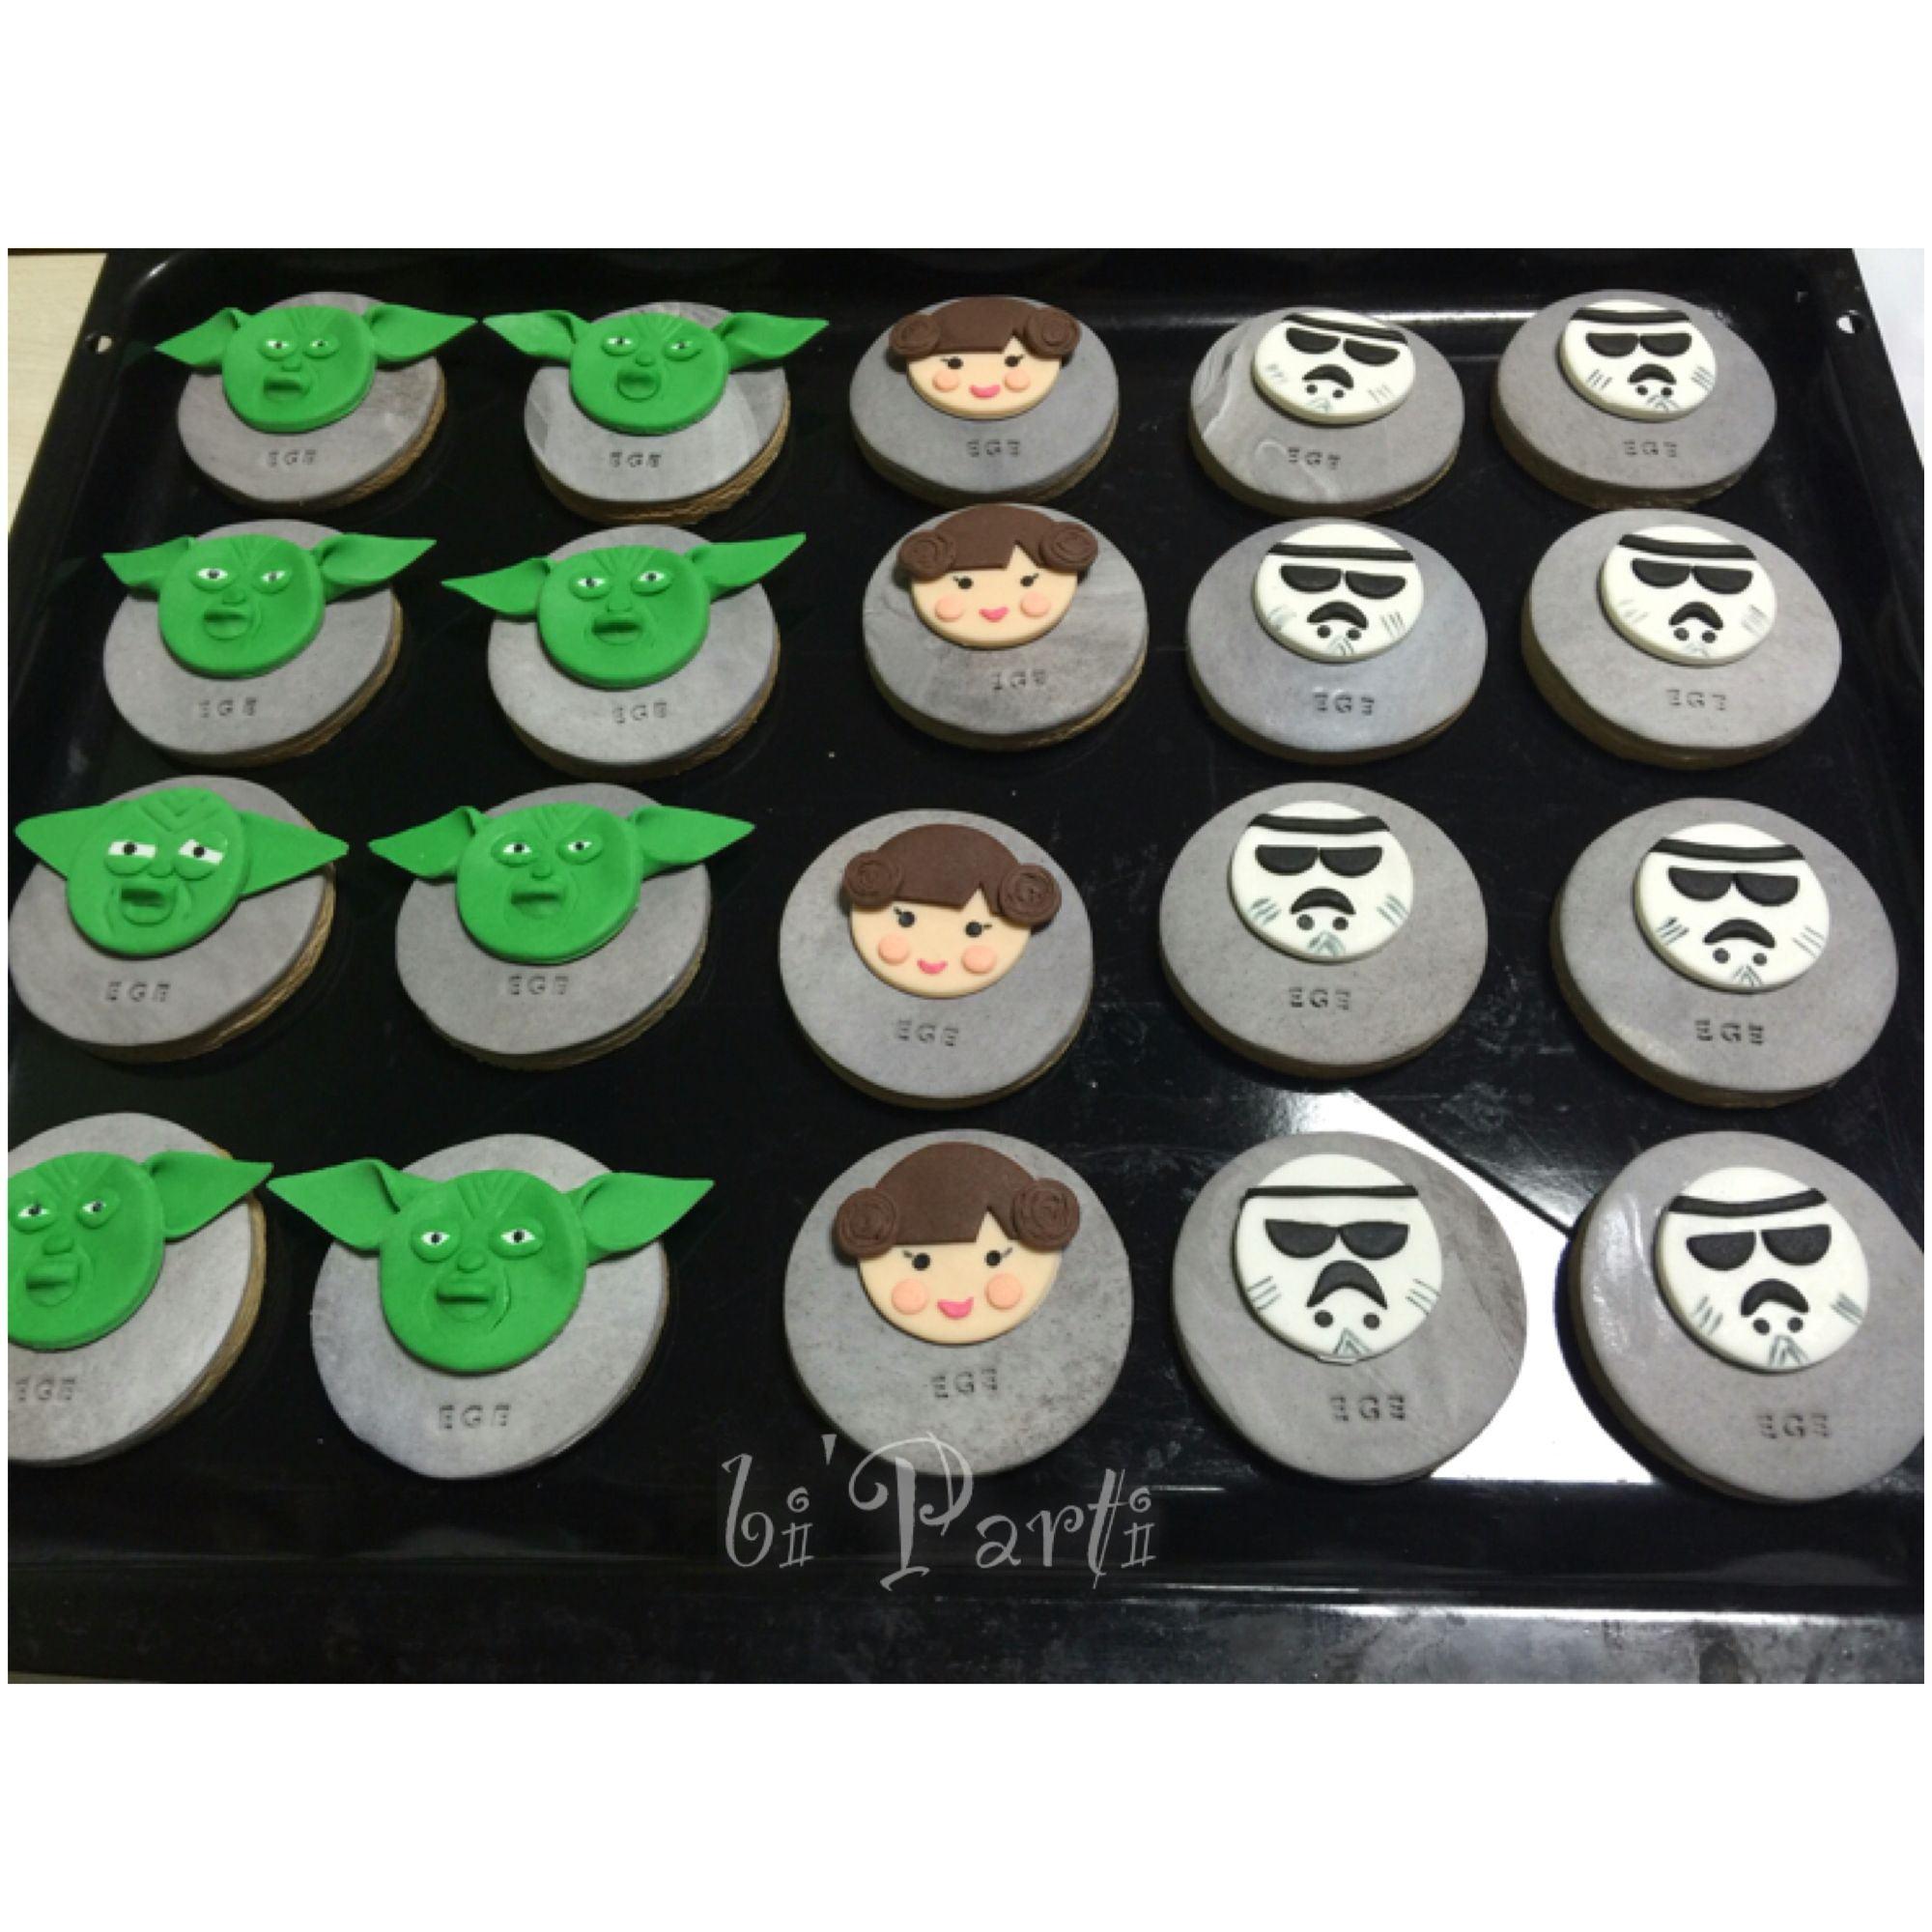 Star wars cookies Star wars party ideas Birthday cookie Doum